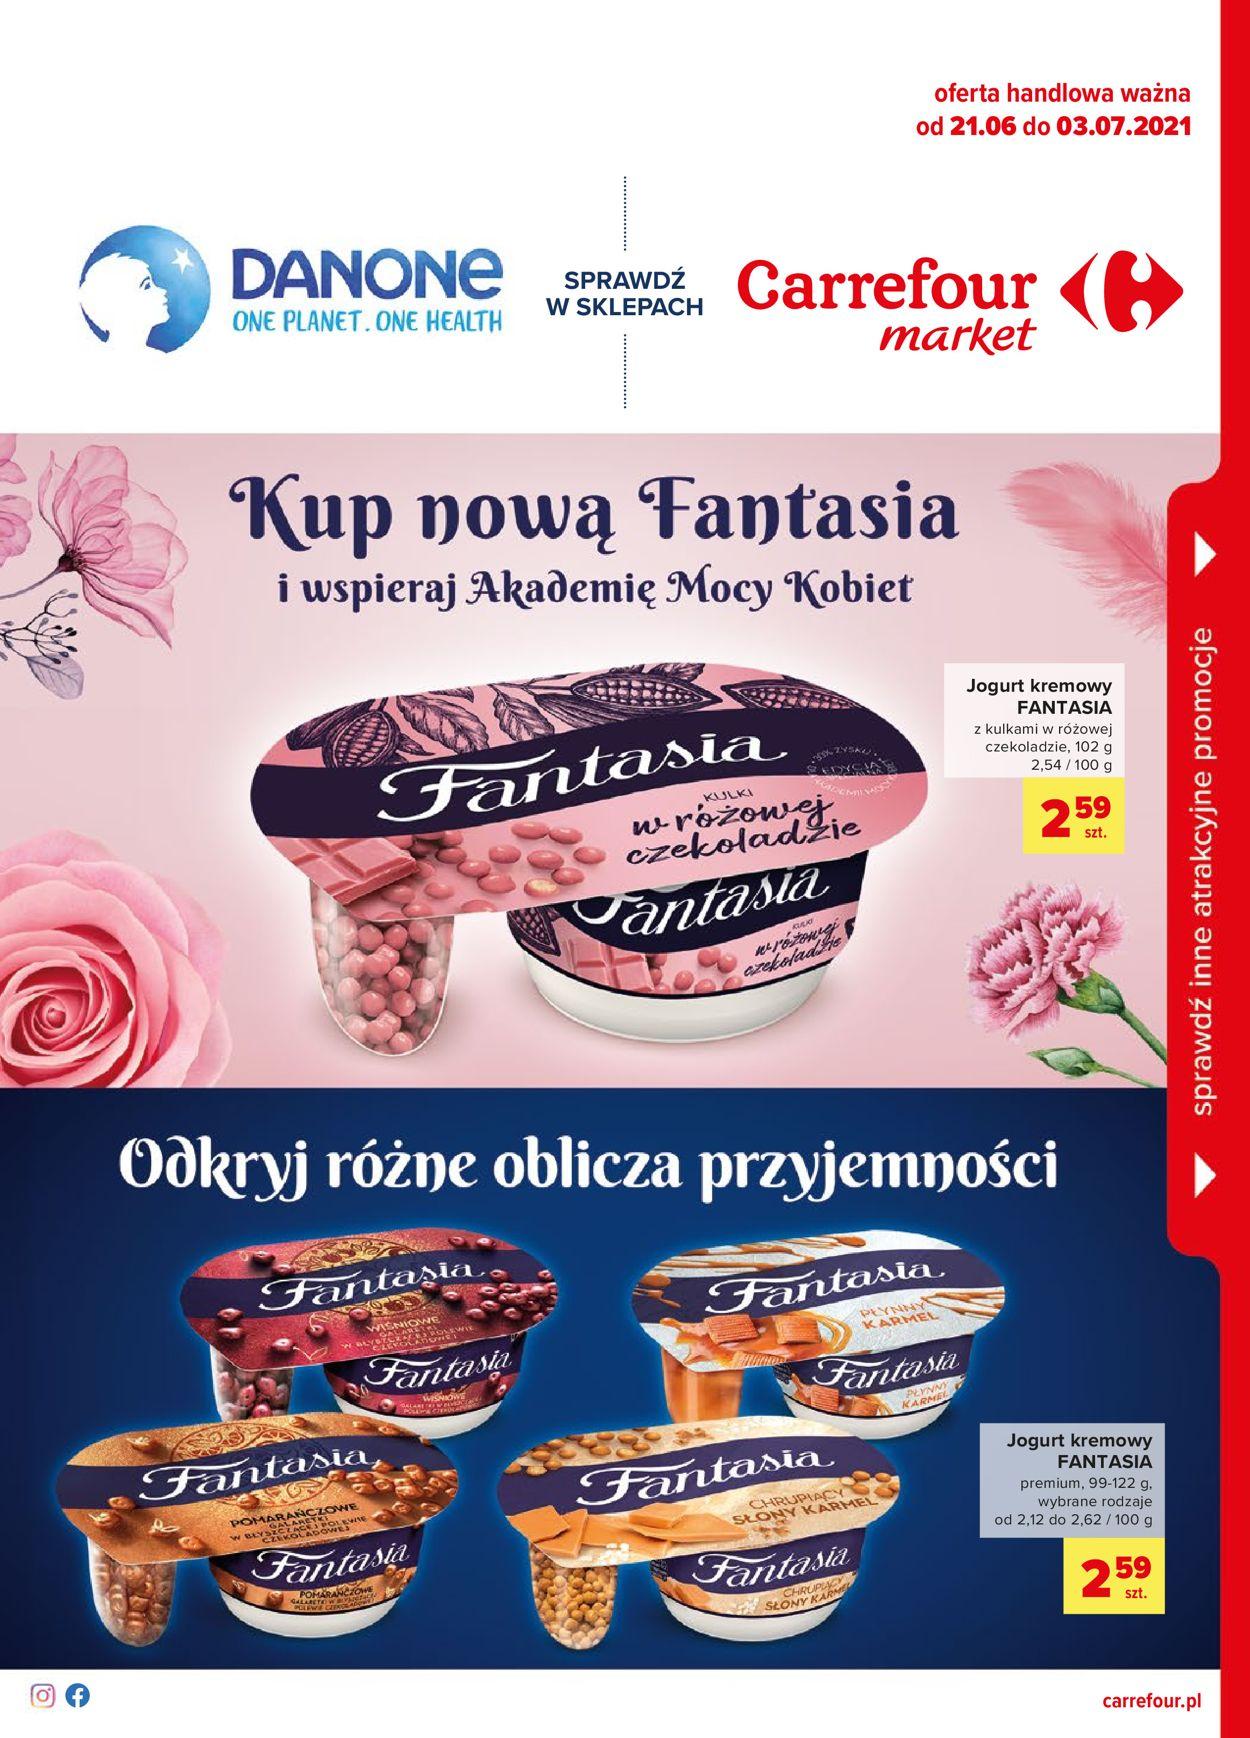 Gazetka promocyjna Carrefour Market - 21.06-03.07.2021